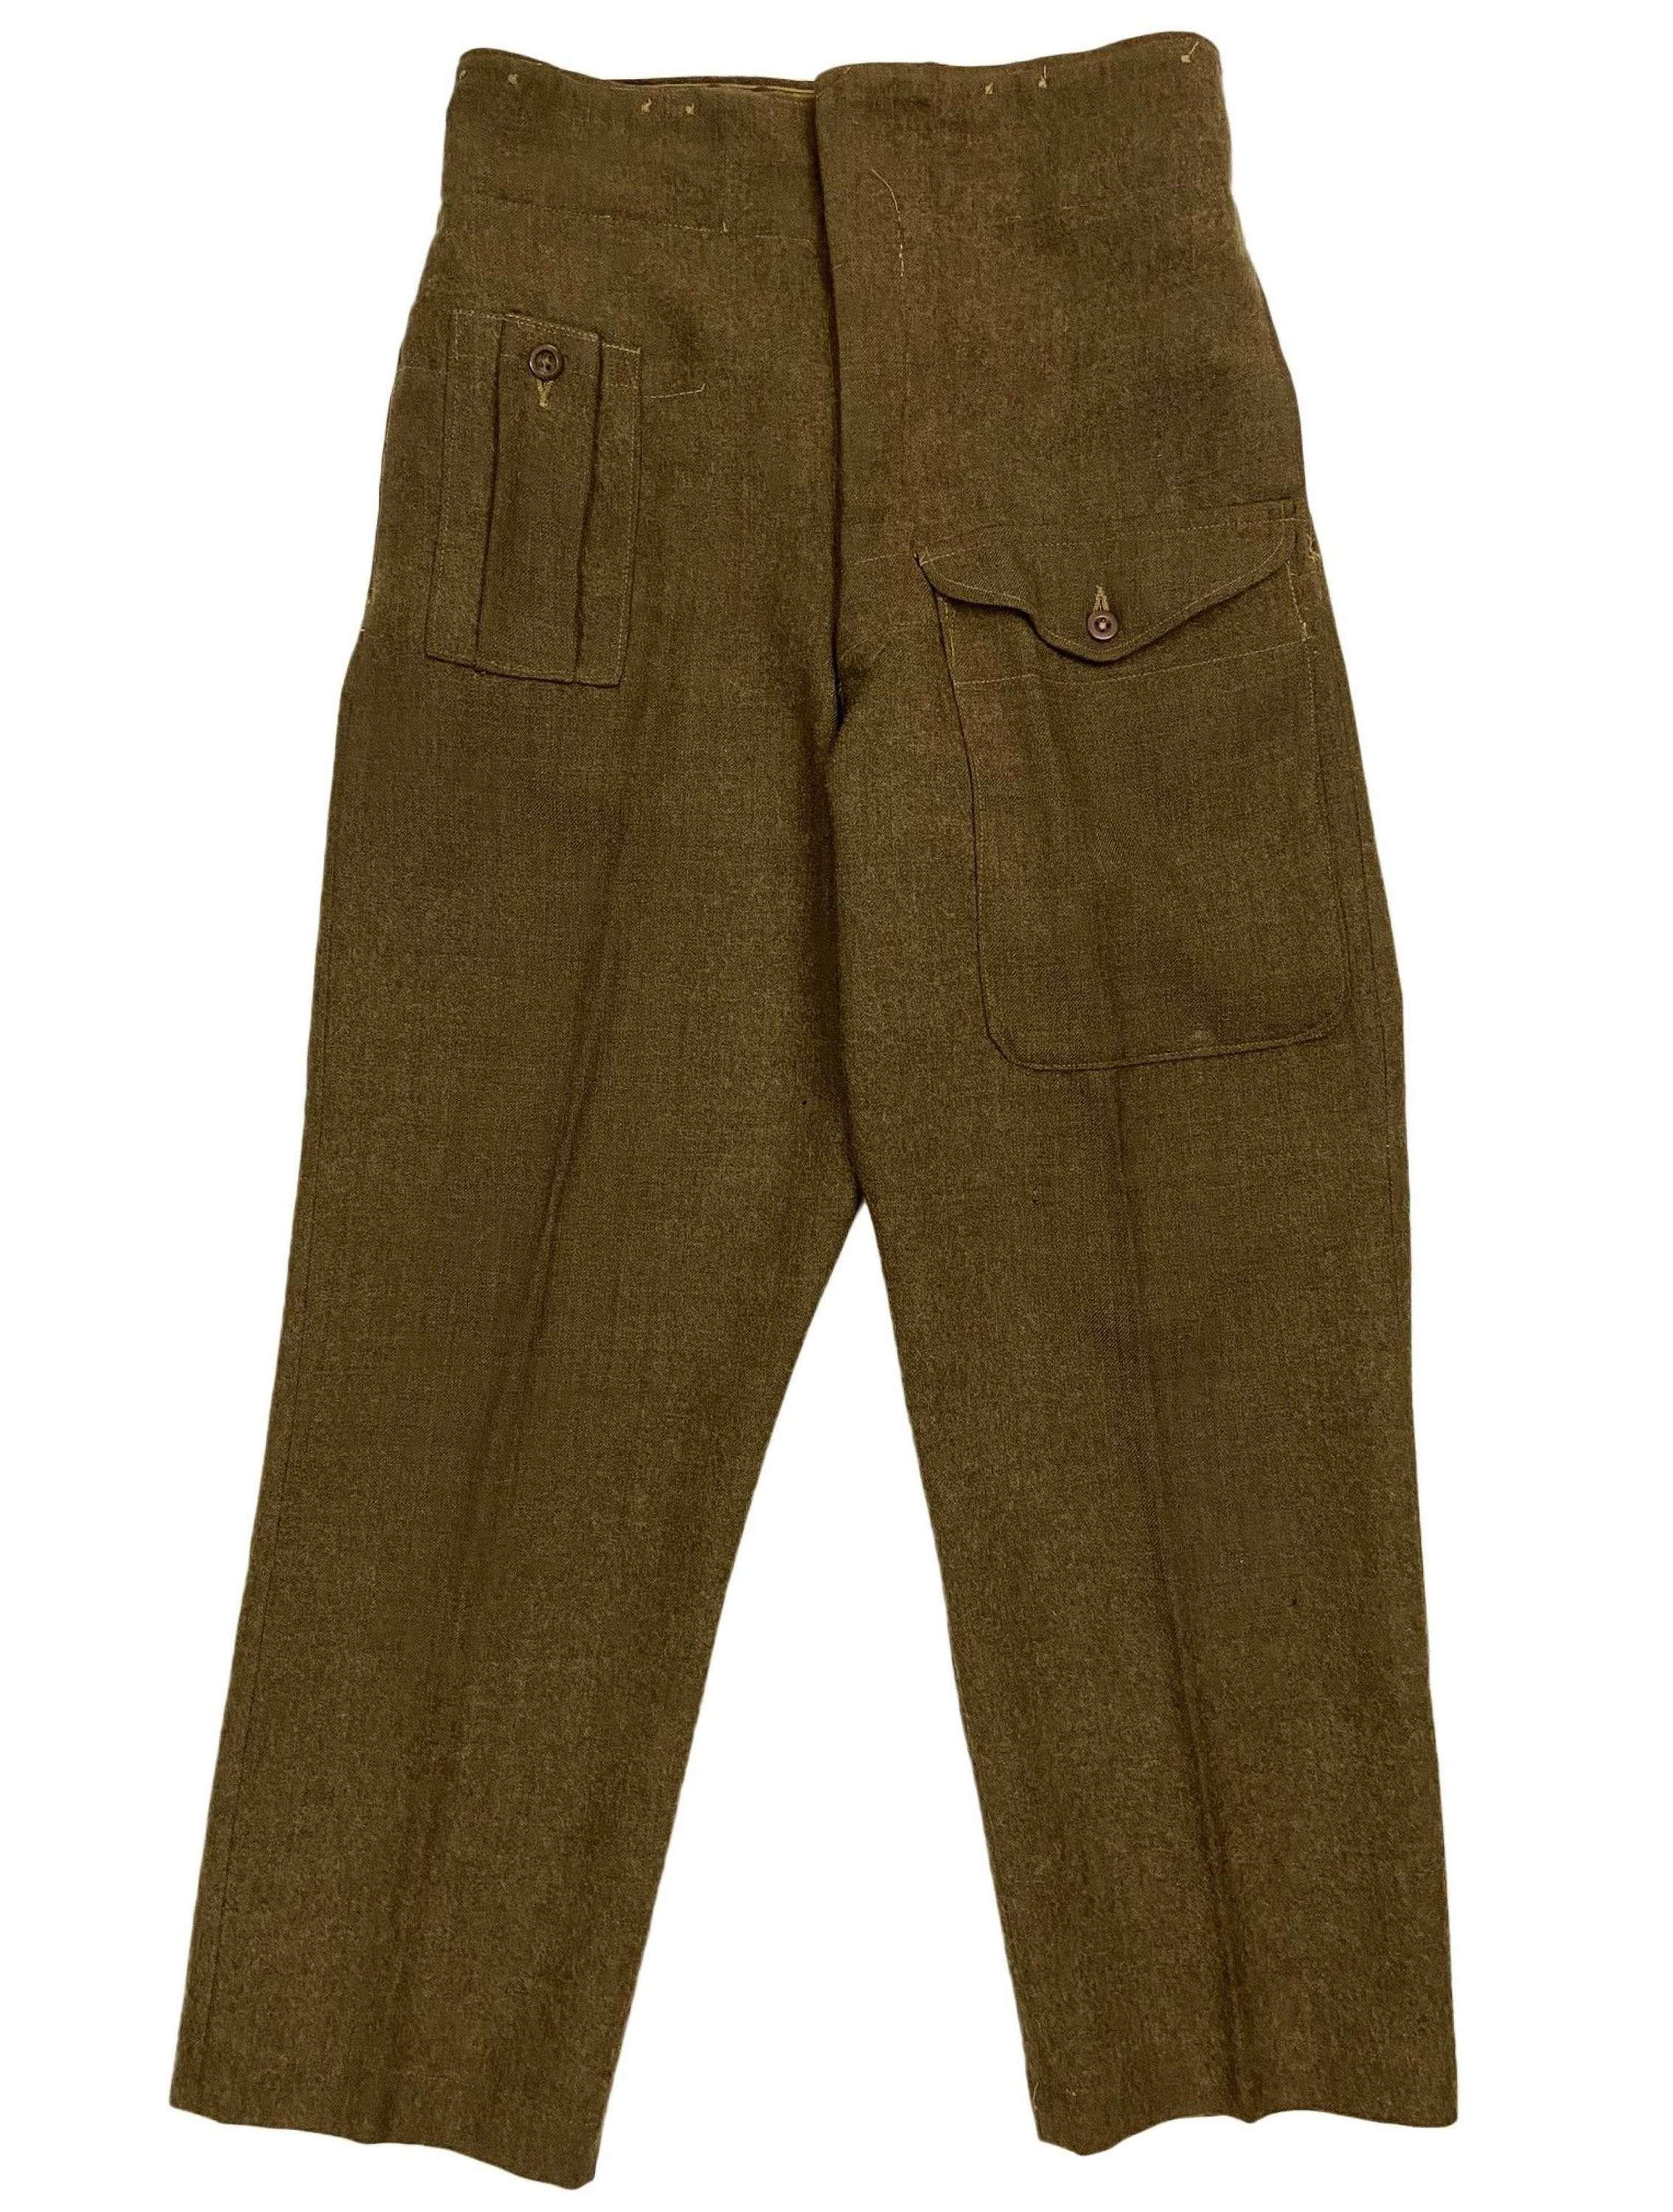 Original 1946 Pattern British Army Battledress Trousers - Size 11